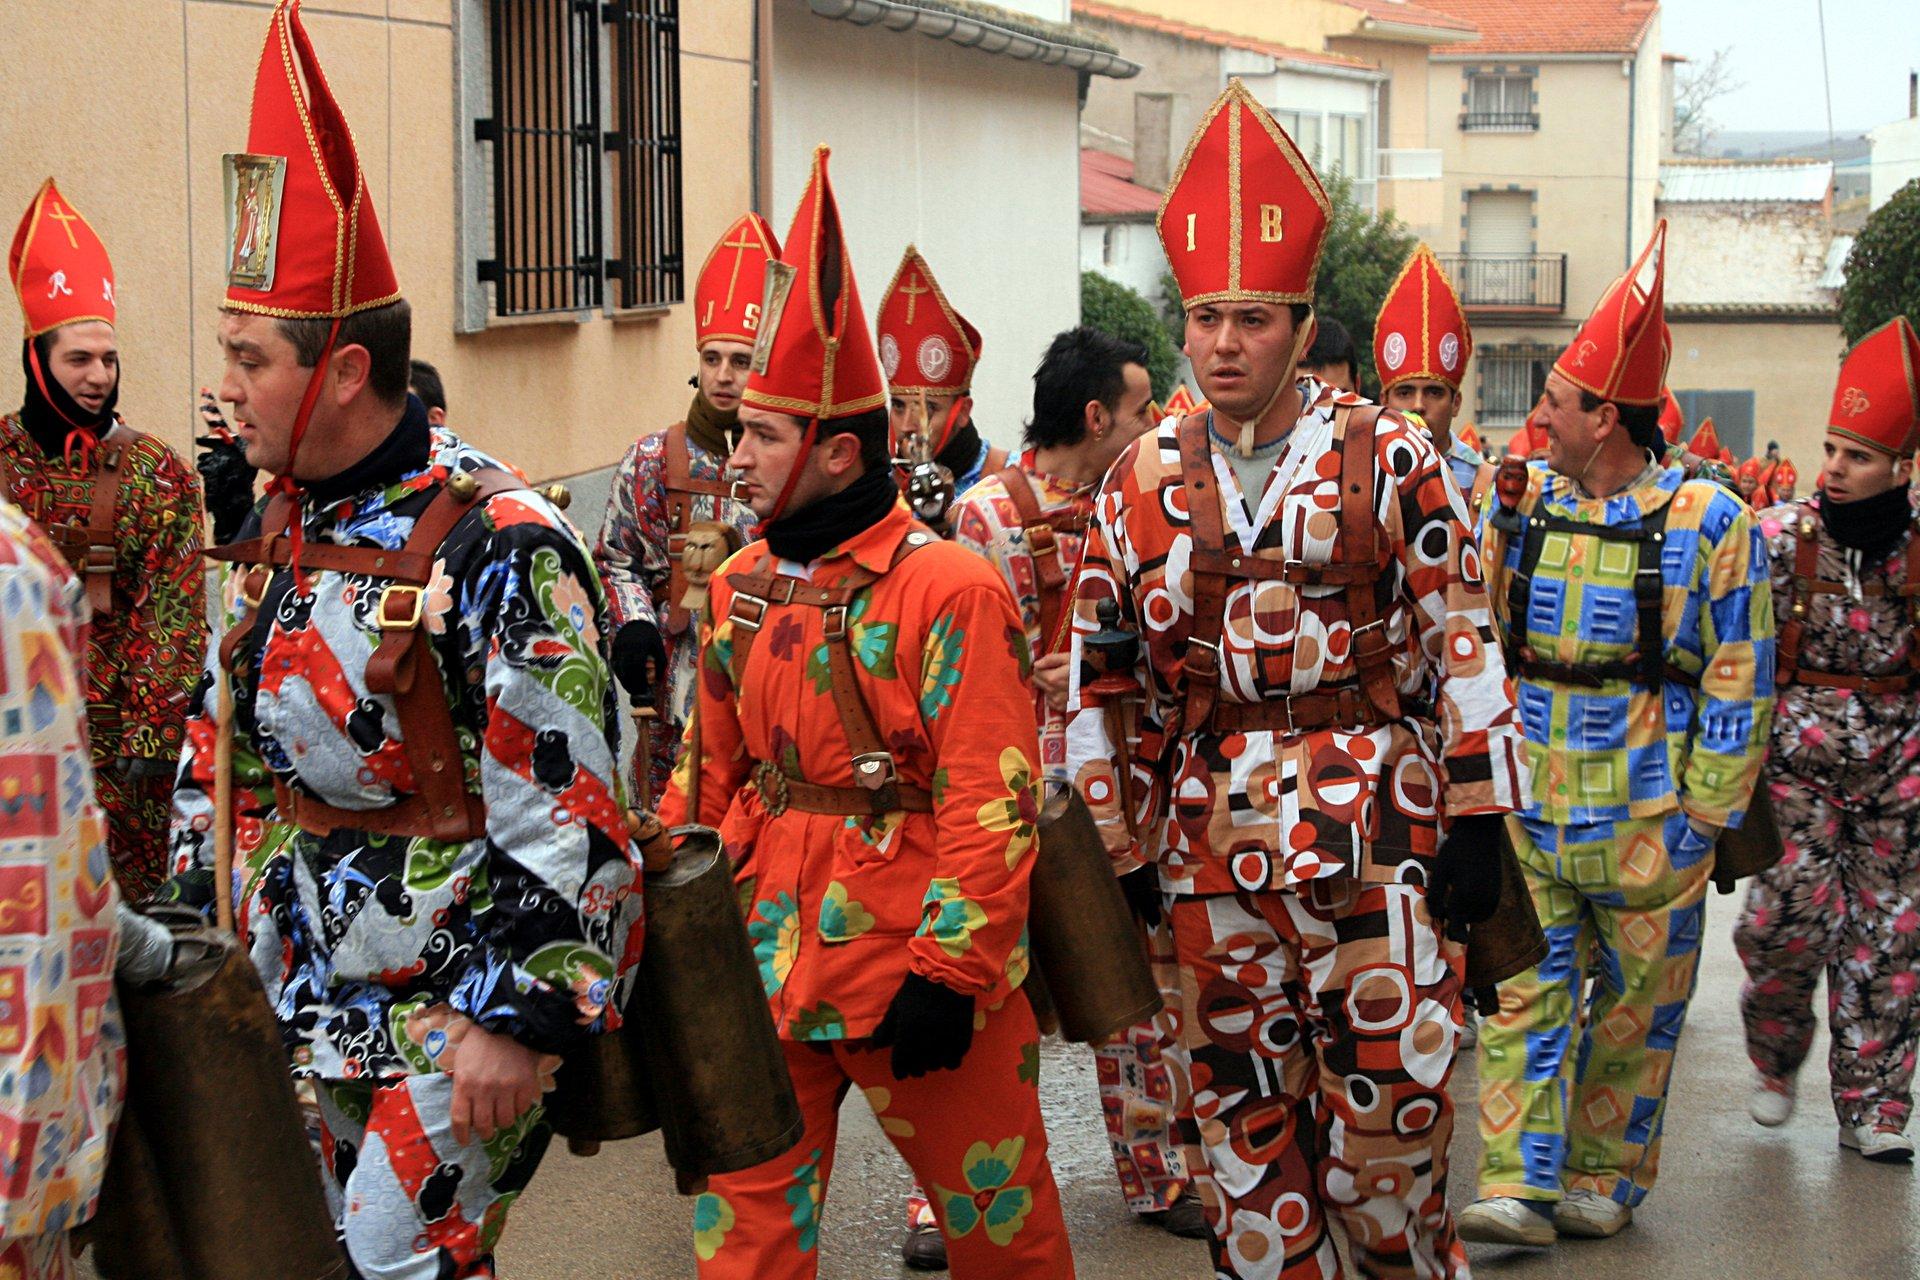 La Endiablada in Spain 2020 - Best Time